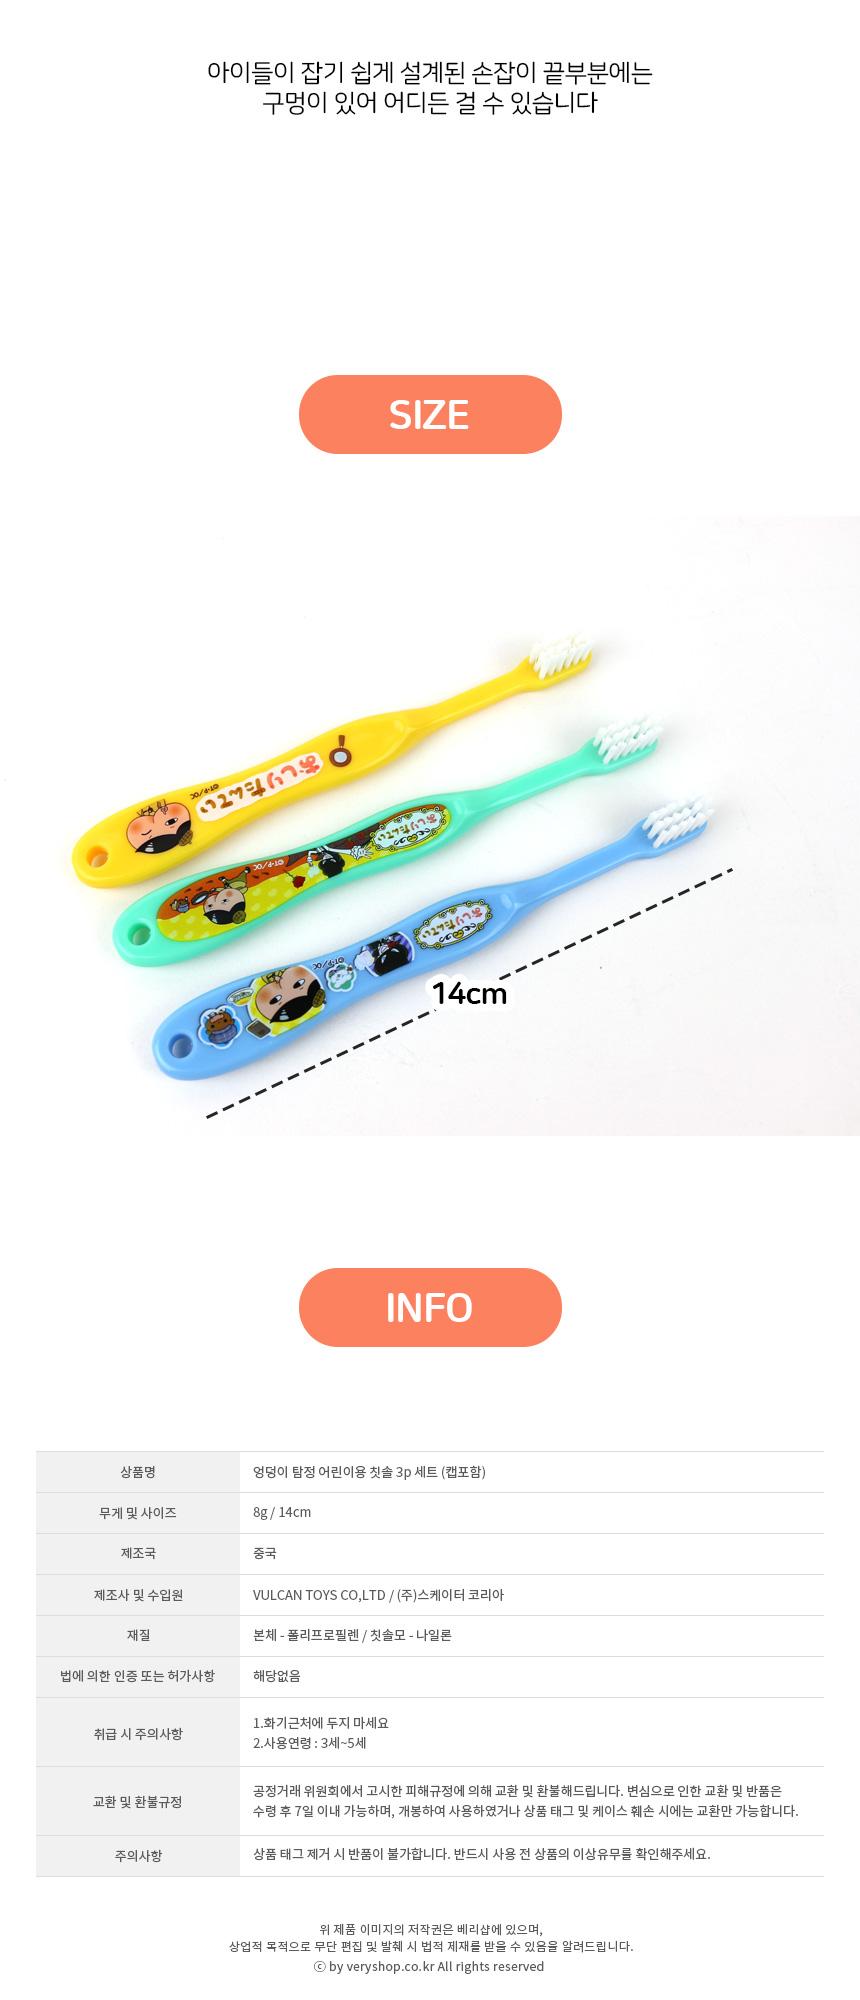 엉덩이탐정 어린이용 칫솔 3P 세트 - 스케이터, 7,000원, 양치, 칫솔/치실